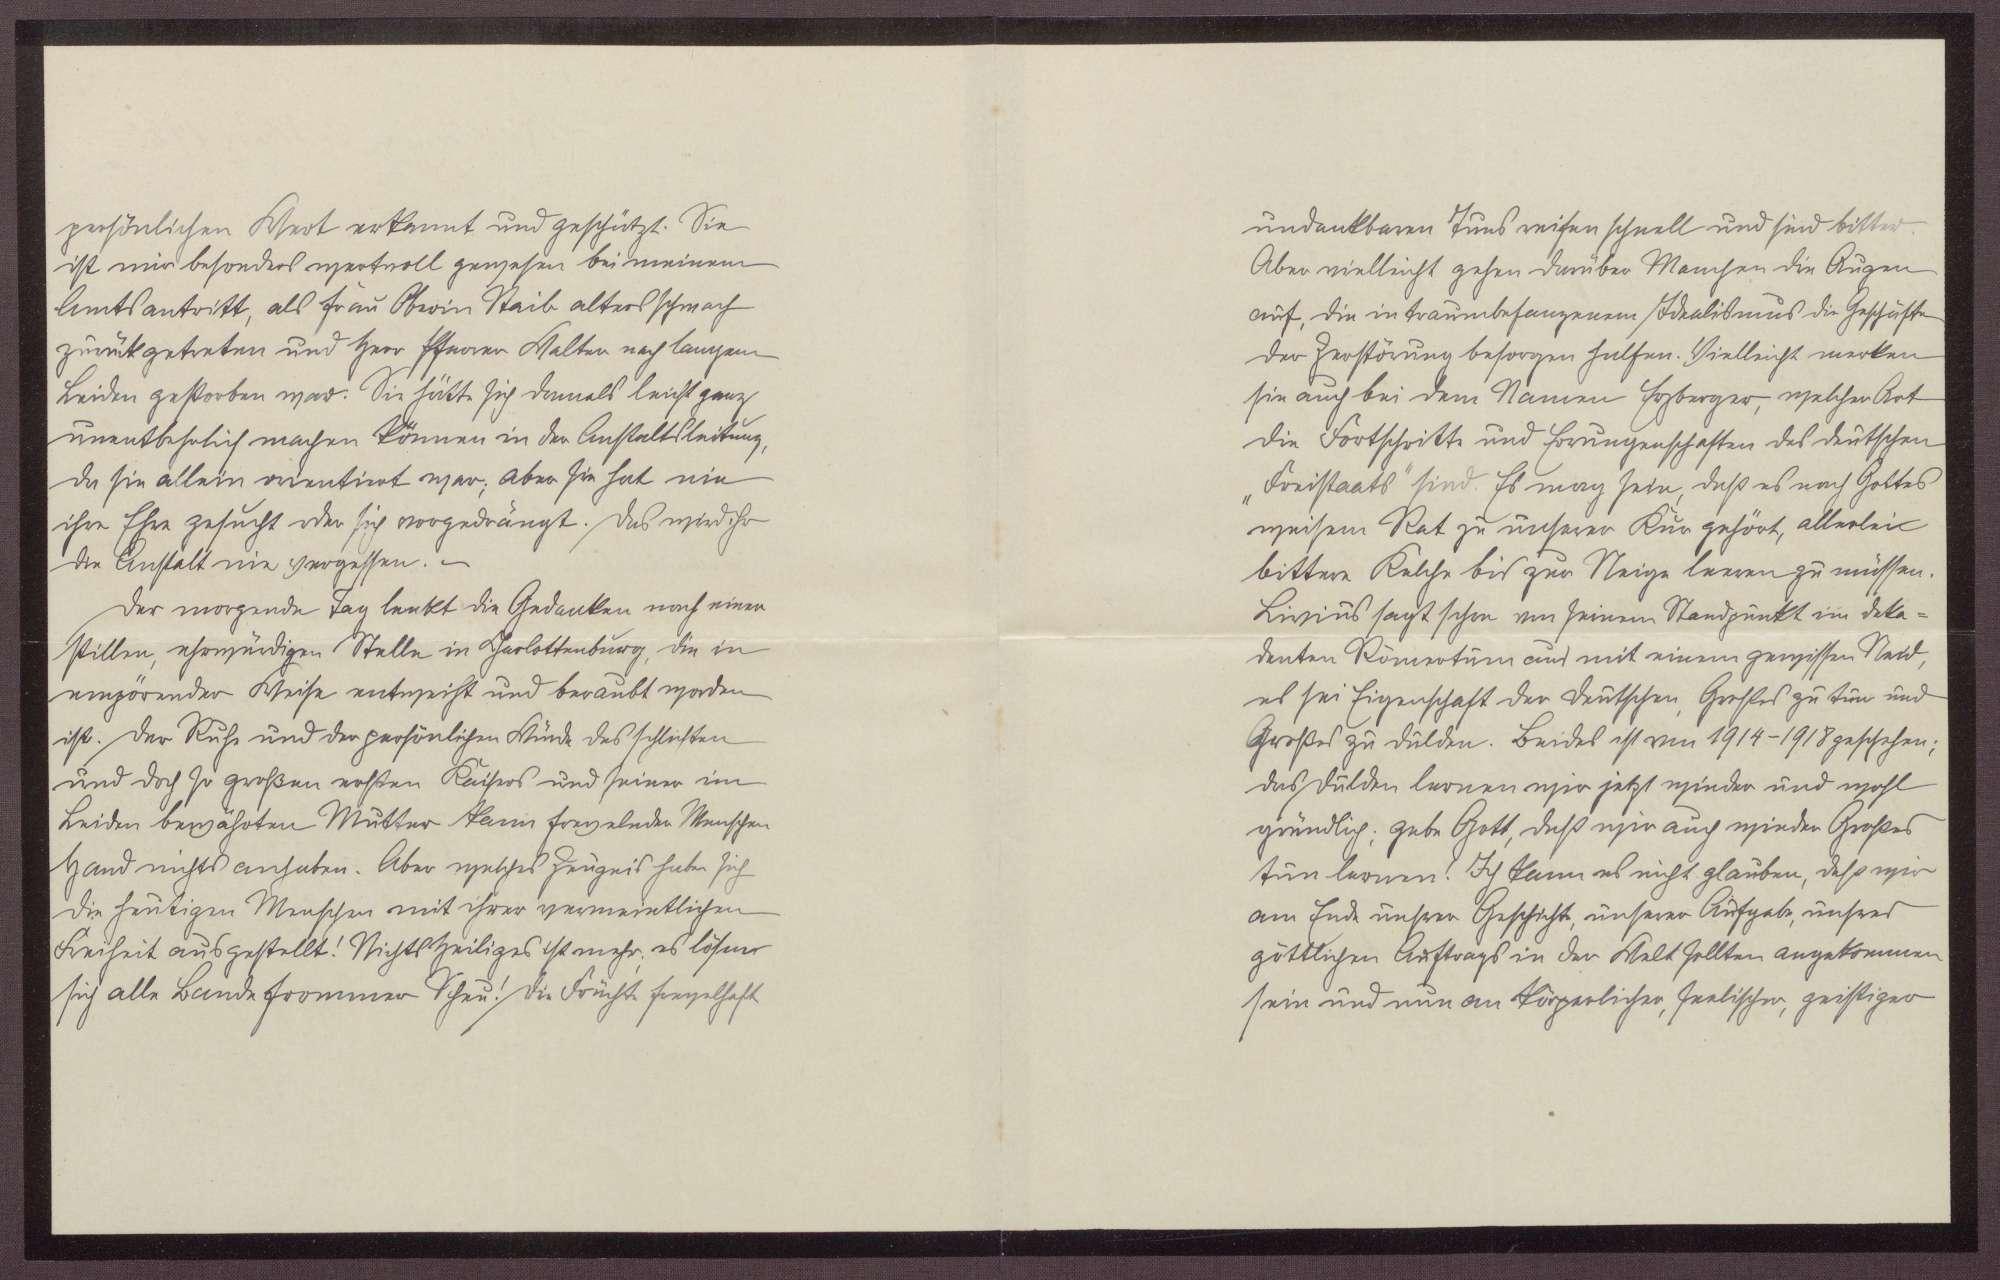 Schreiben von Friedrich Katz an die Großherzogin Luise; Dank für die Anteilnahme der Großherzogin zum Tod von Emma Hoffmann; Kritik an der Republik und an Matthias Erzberger, Bild 2